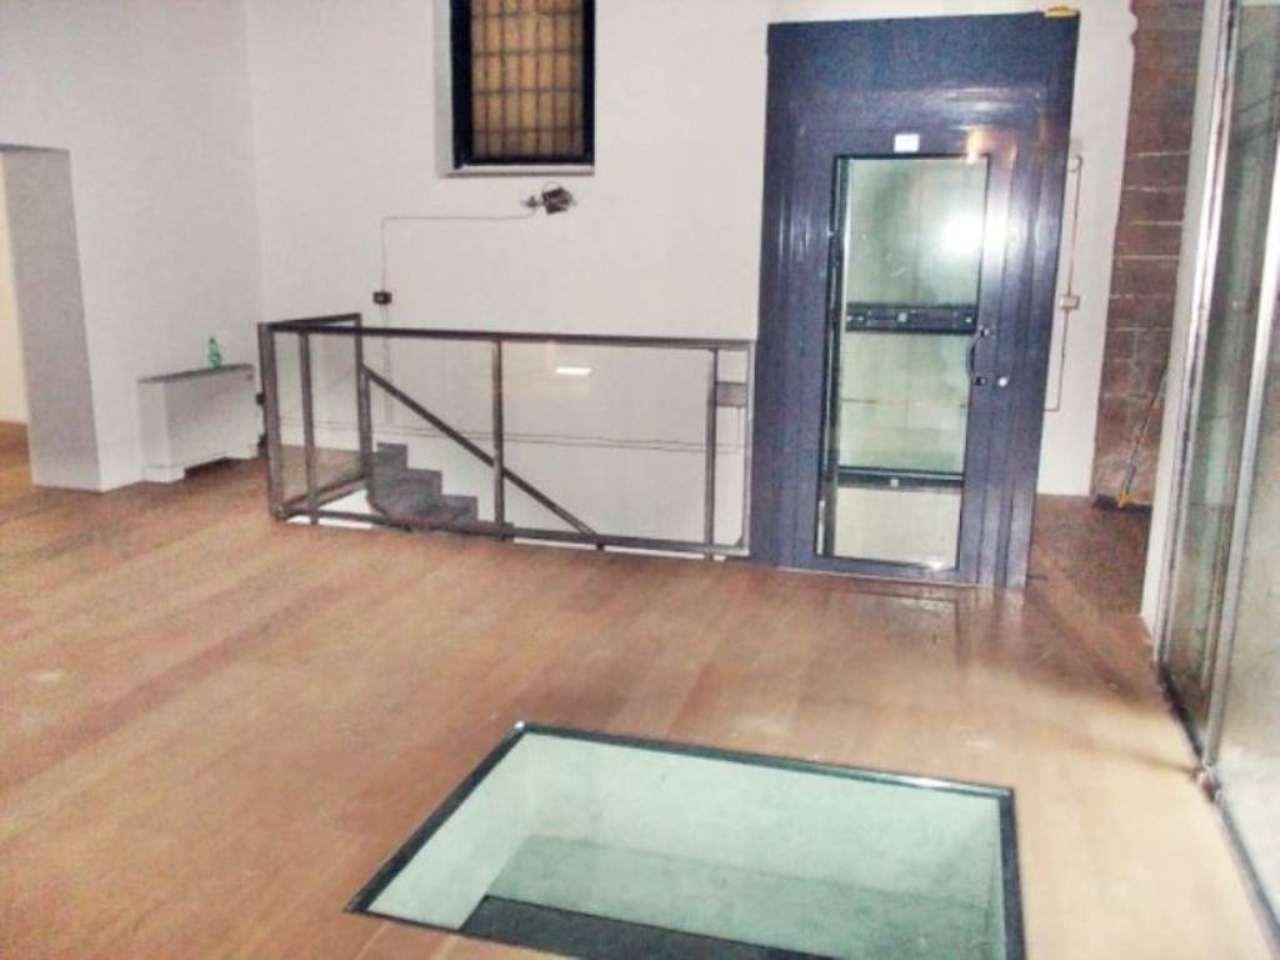 Negozio / Locale in affitto a Milano, 1 locali, zona Zona: 1 . Centro Storico, Duomo, Brera, Cadorna, Cattolica, prezzo € 9.160 | Cambio Casa.it